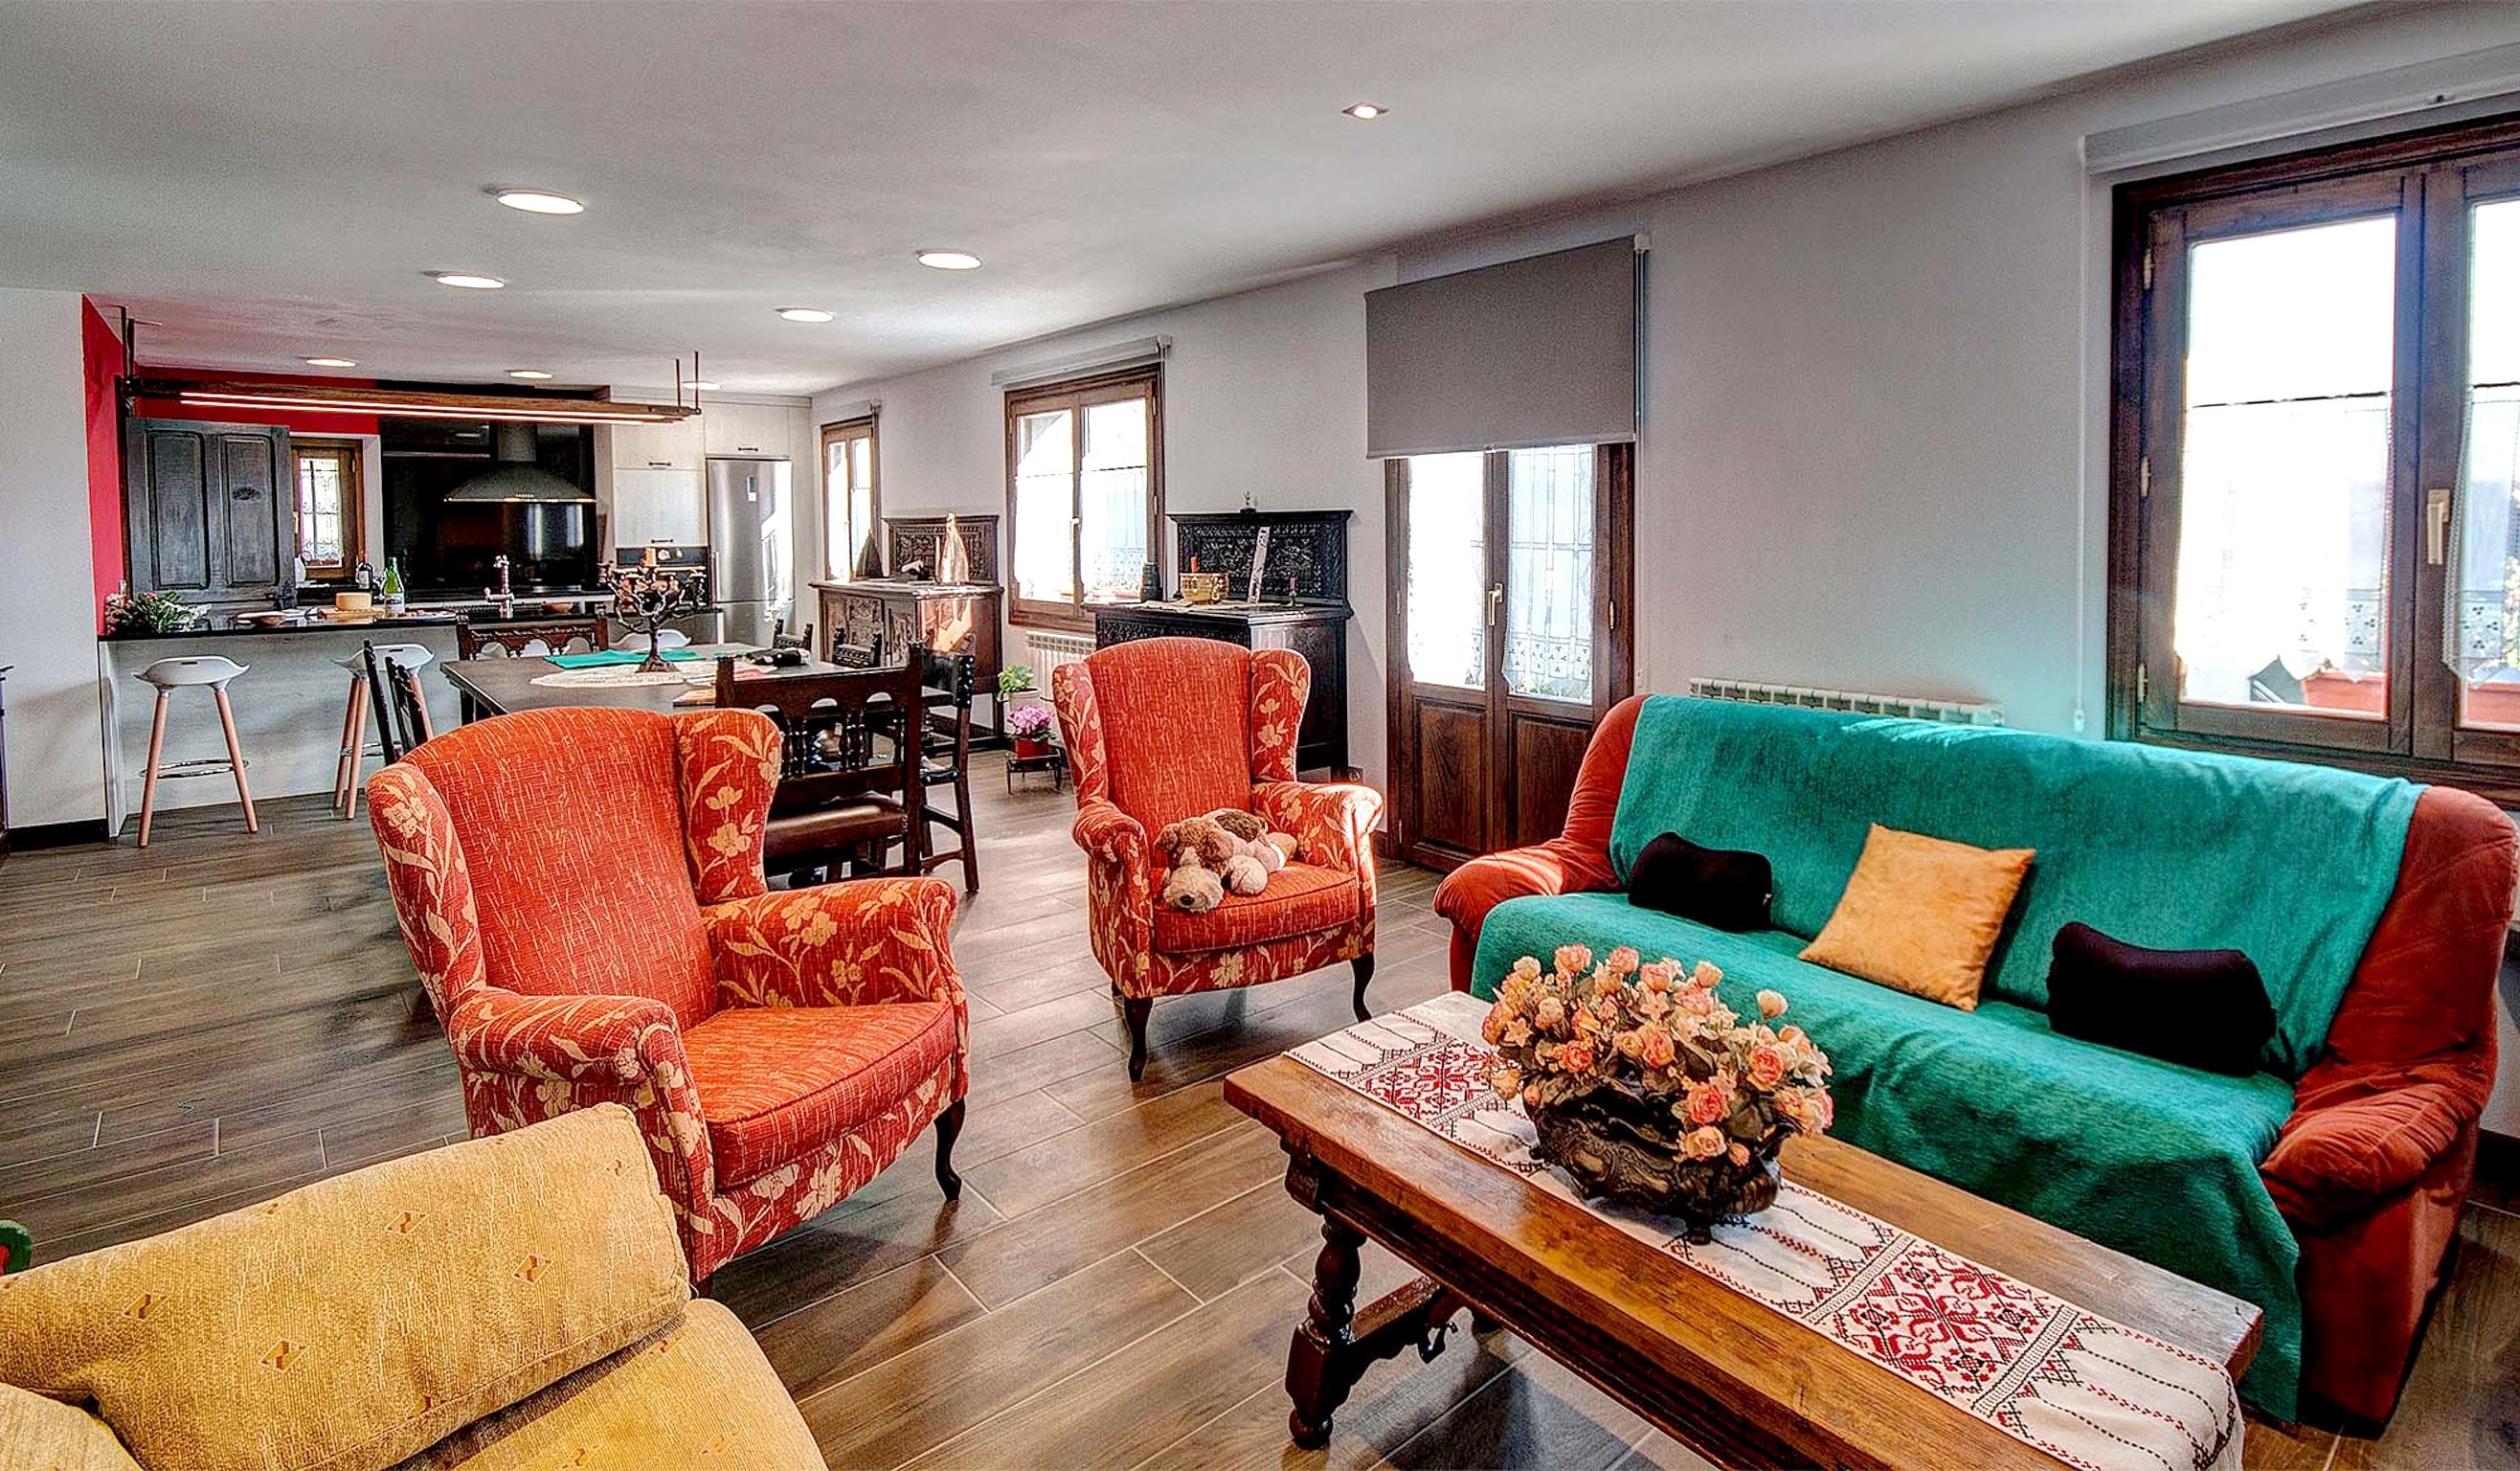 Ferienhaus Haus mit 5 Schlafzimmern in Baráibar mit toller Aussicht auf die Berge, möbliertem Garten  (2541138), Baraibar, , Navarra, Spanien, Bild 5